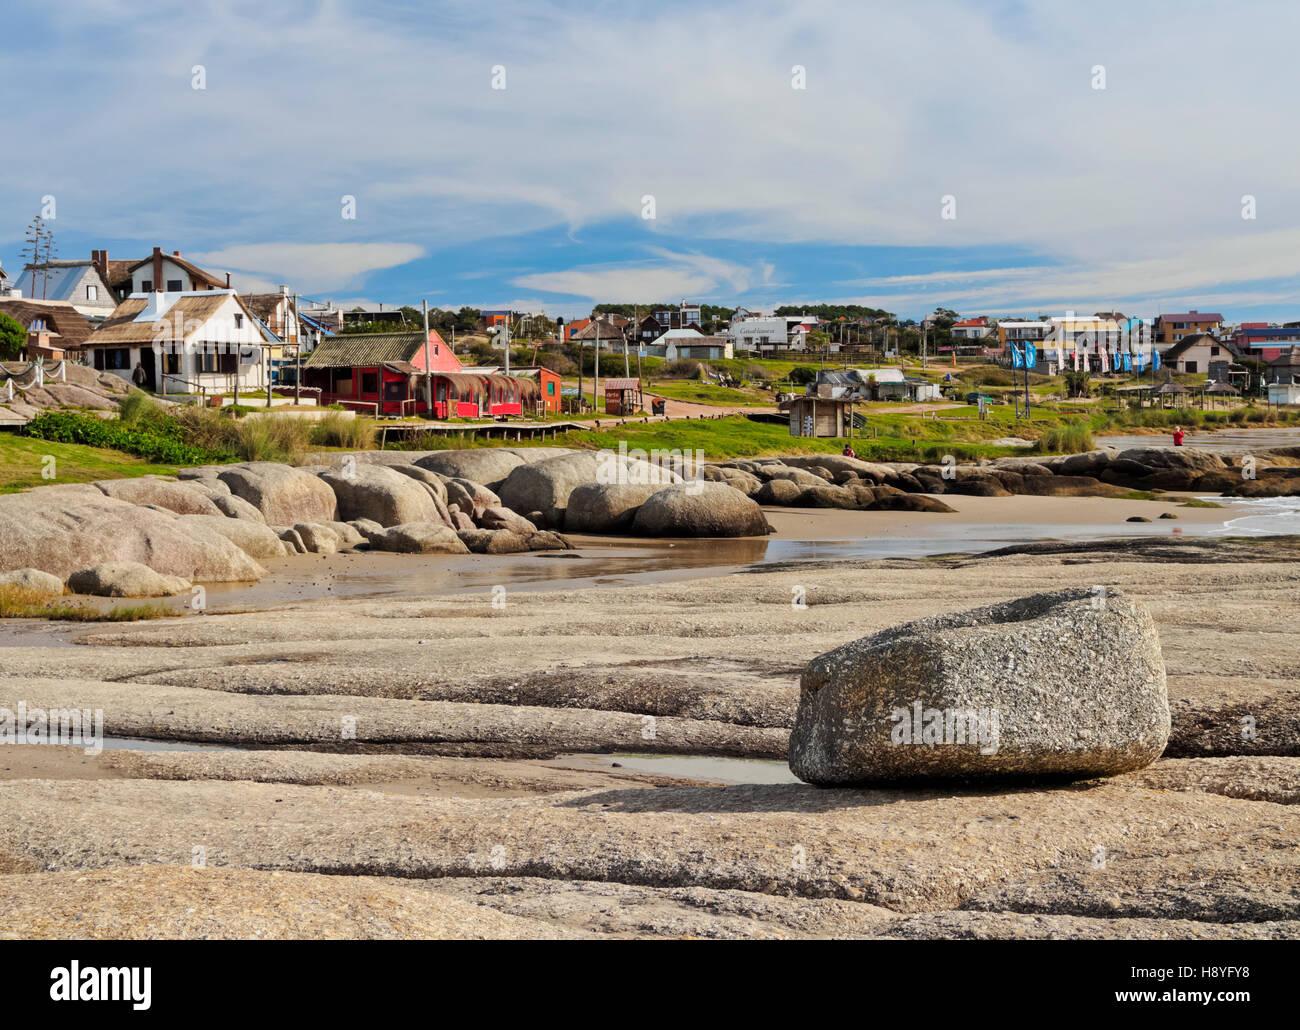 Uruguay, Rocha dipartimento, vista della Punta del Diablo. Immagini Stock